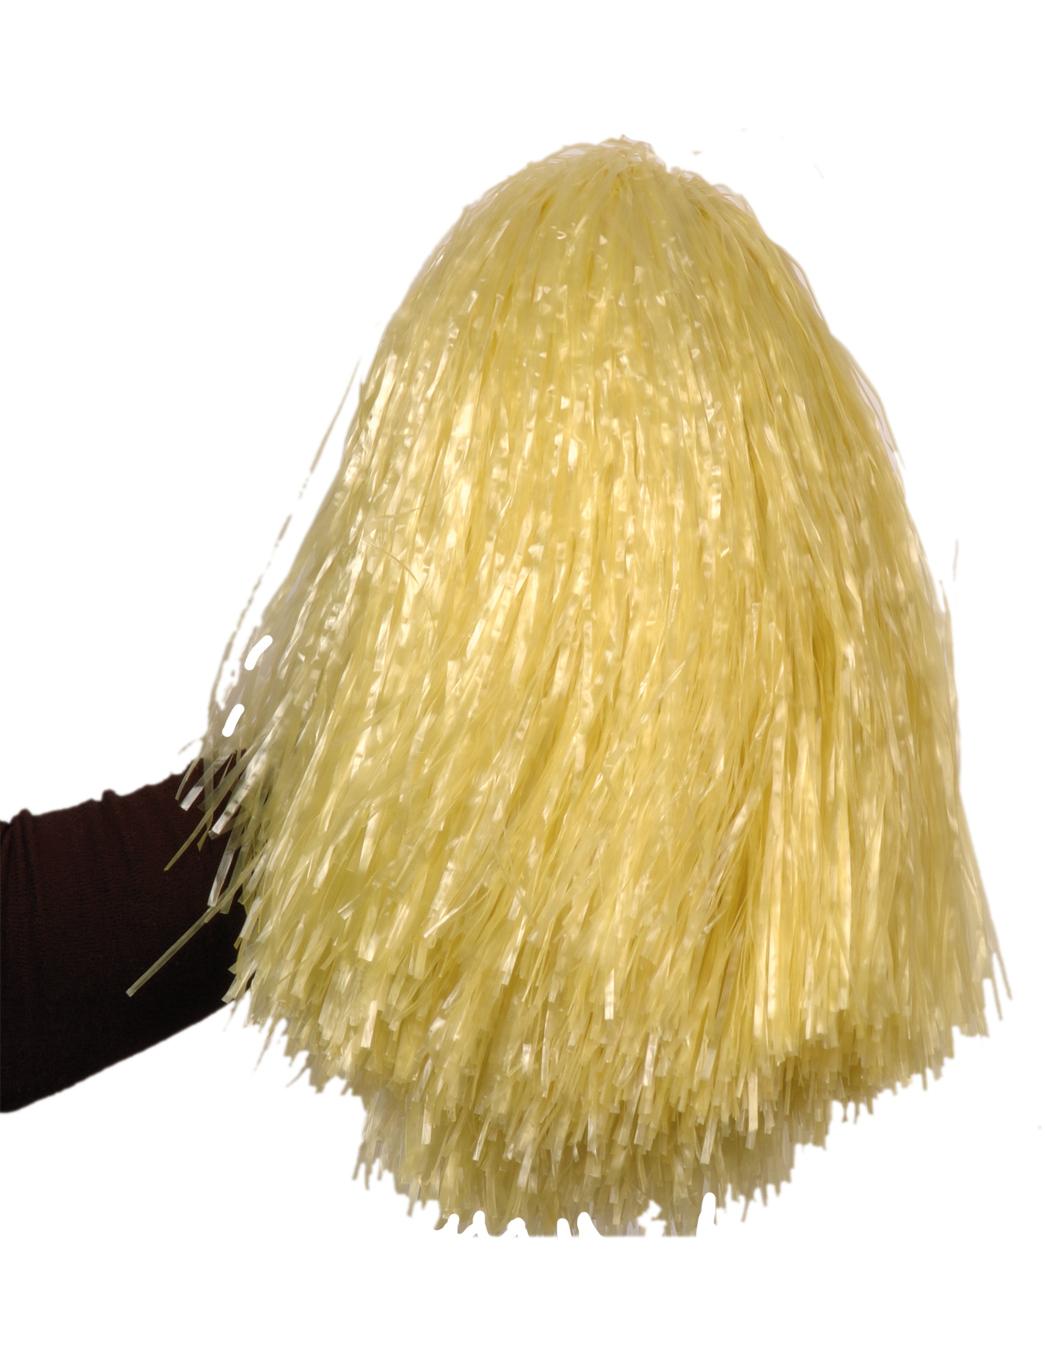 Pompon jaune paille m tallique achat de accessoires sur vegaoopro grossiste en d guisements - Couleur jaune paille ...